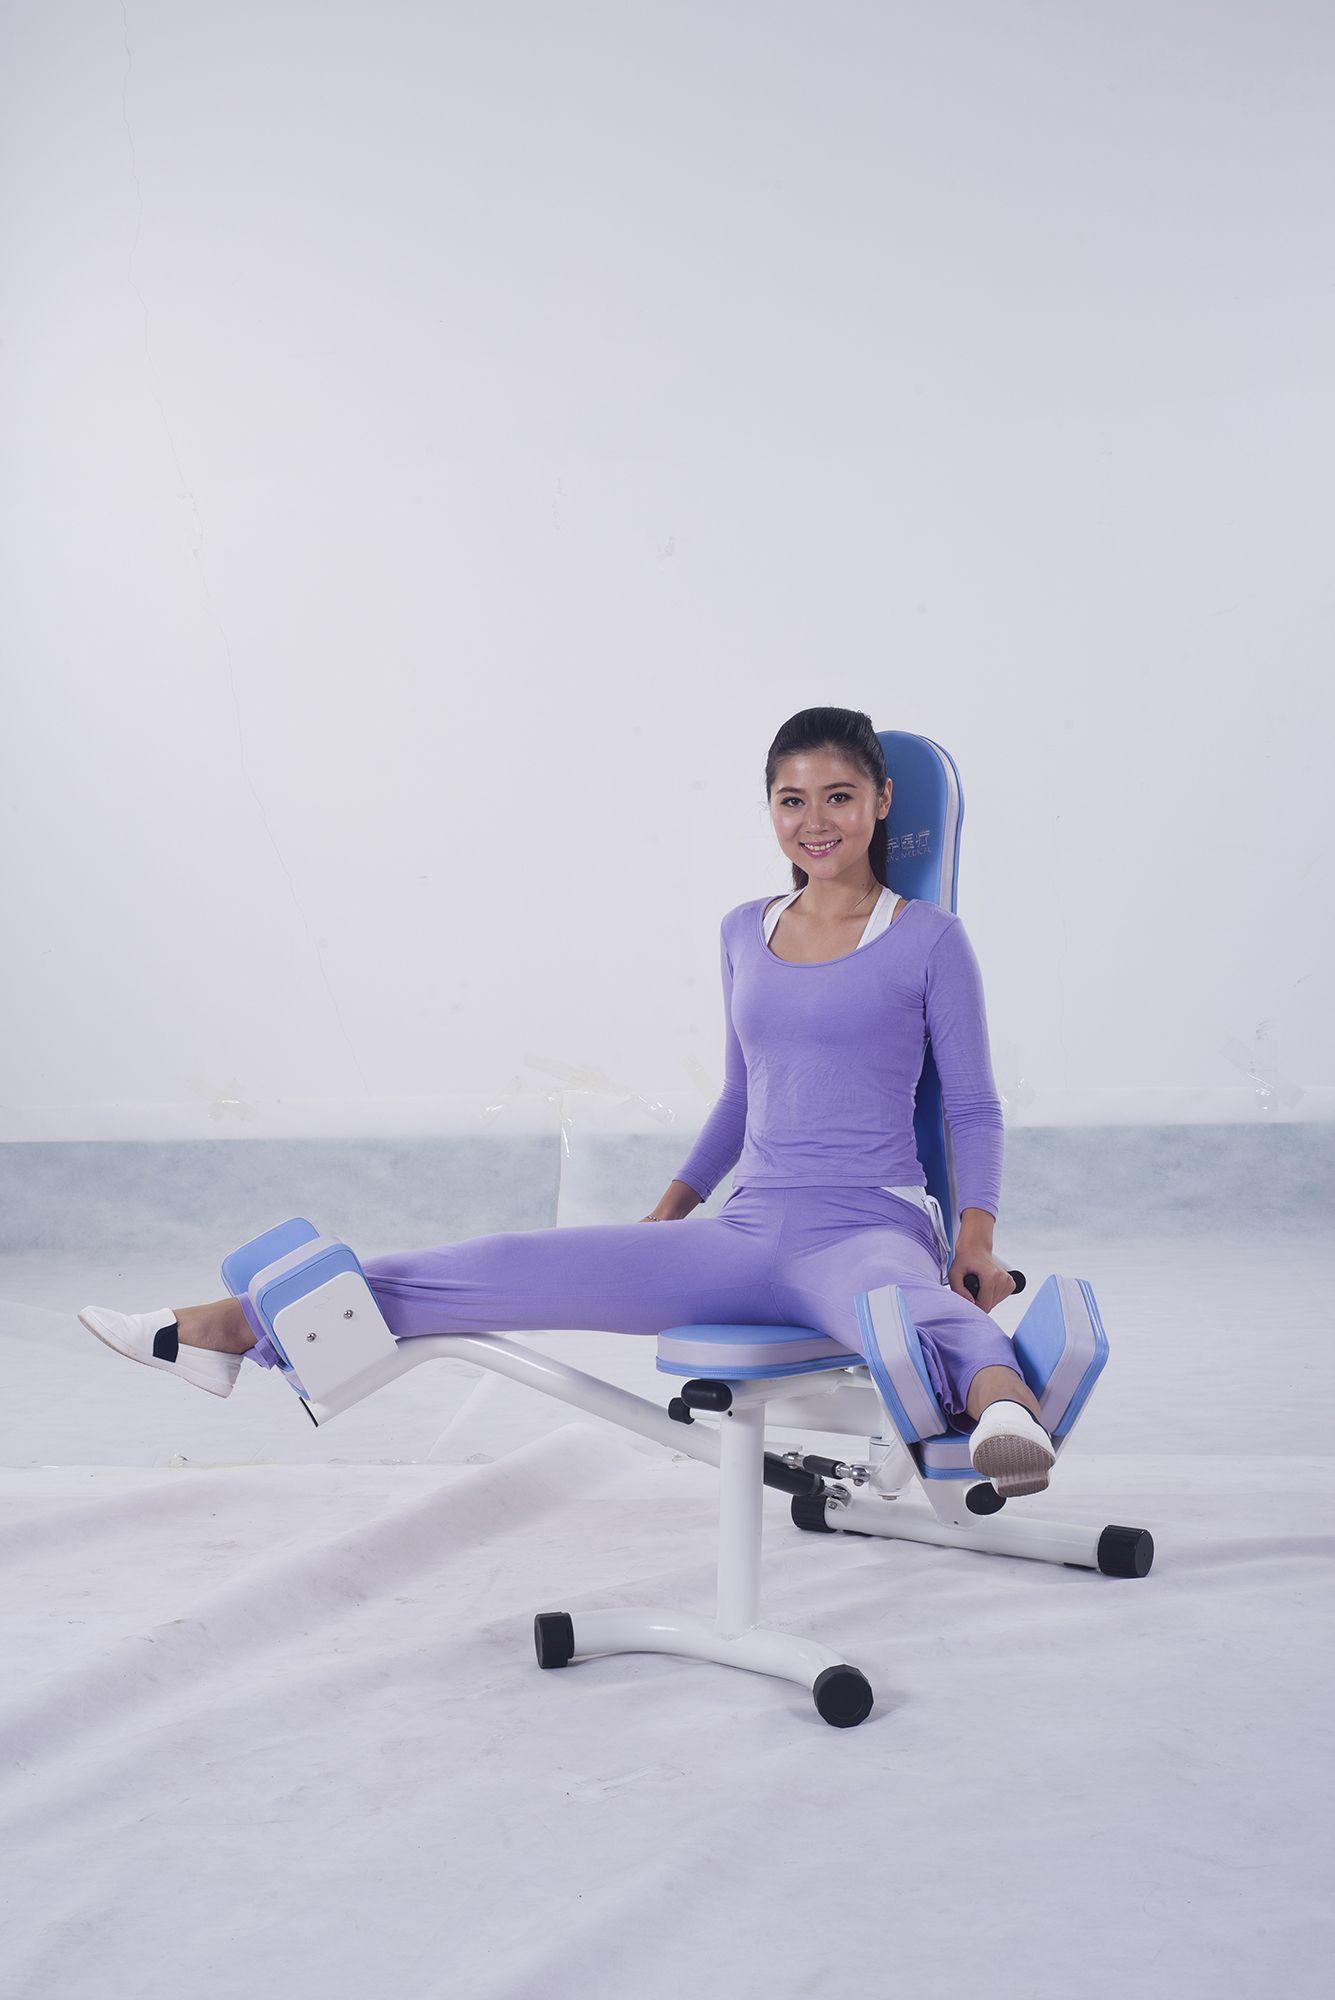 Abductor exercise equipment rehabilitation